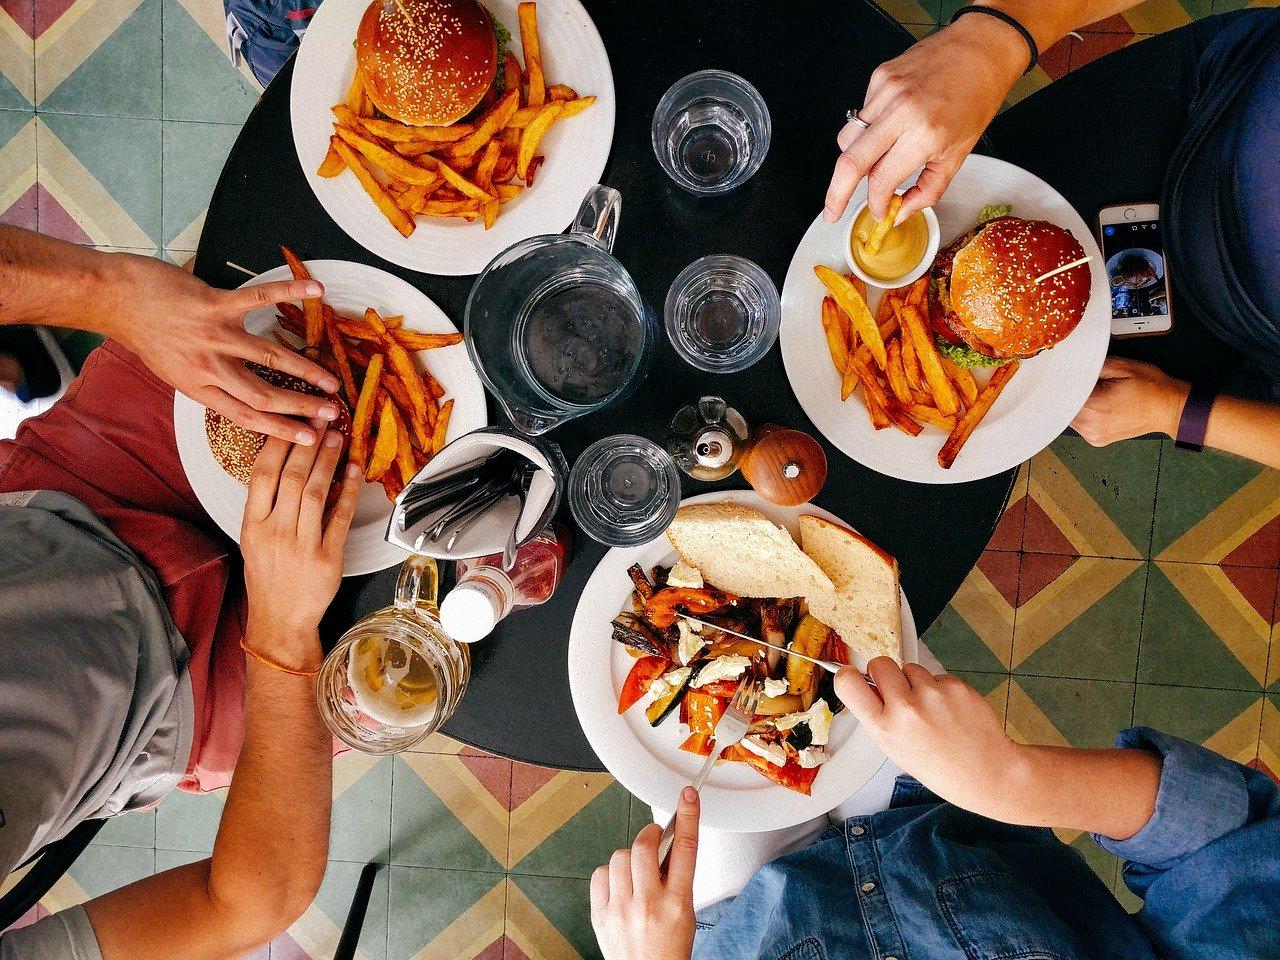 【極邪惡】食一餐垃圾食物 專注力竟然會咁